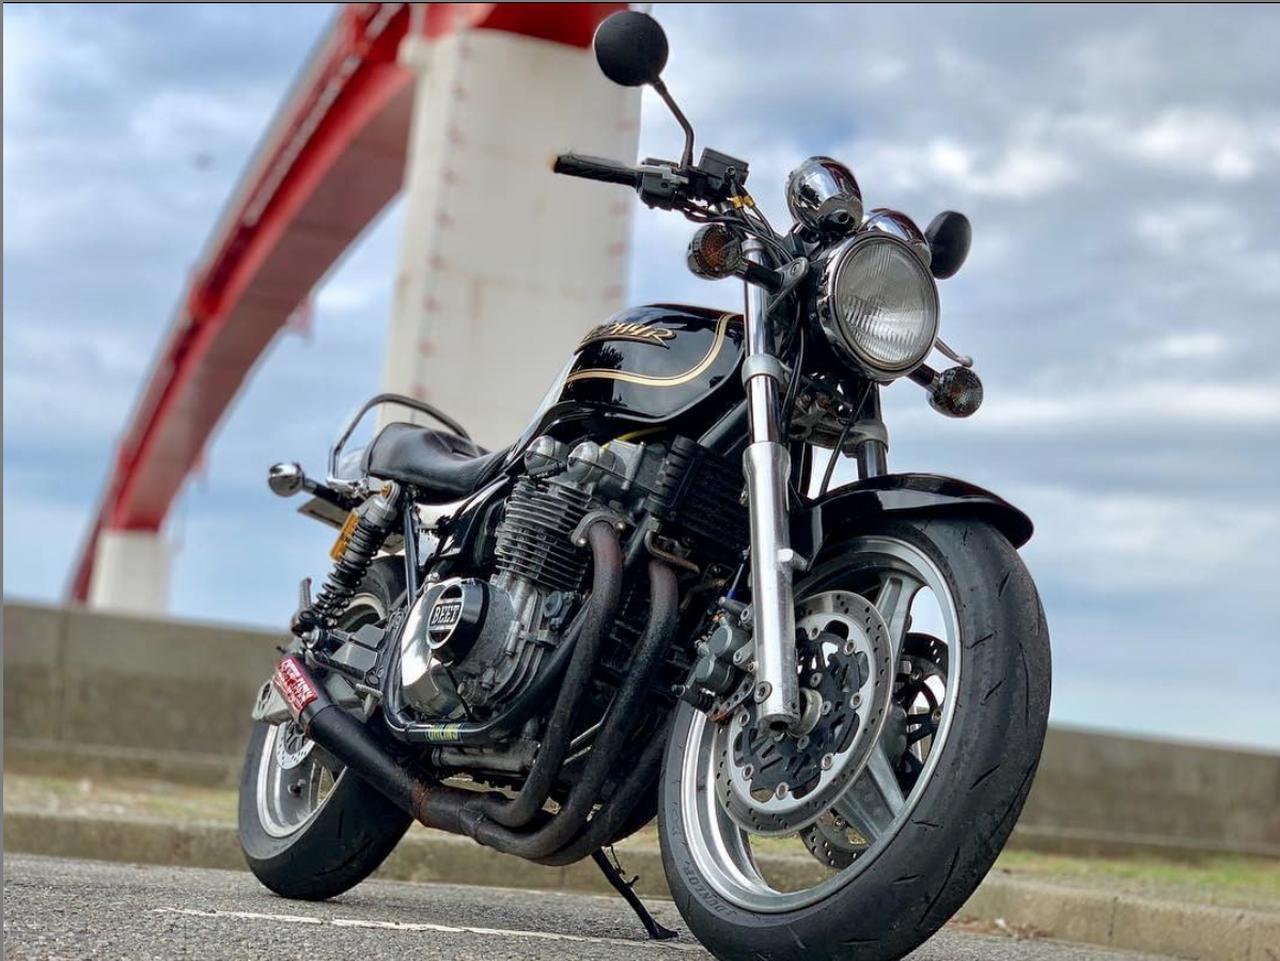 画像: 雷が走った?!限定レアなカワサキ ゼファー750の一枚。【グラカワインスタ投稿紹介vol.30】 - LAWRENCE - Motorcycle x Cars + α = Your Life.